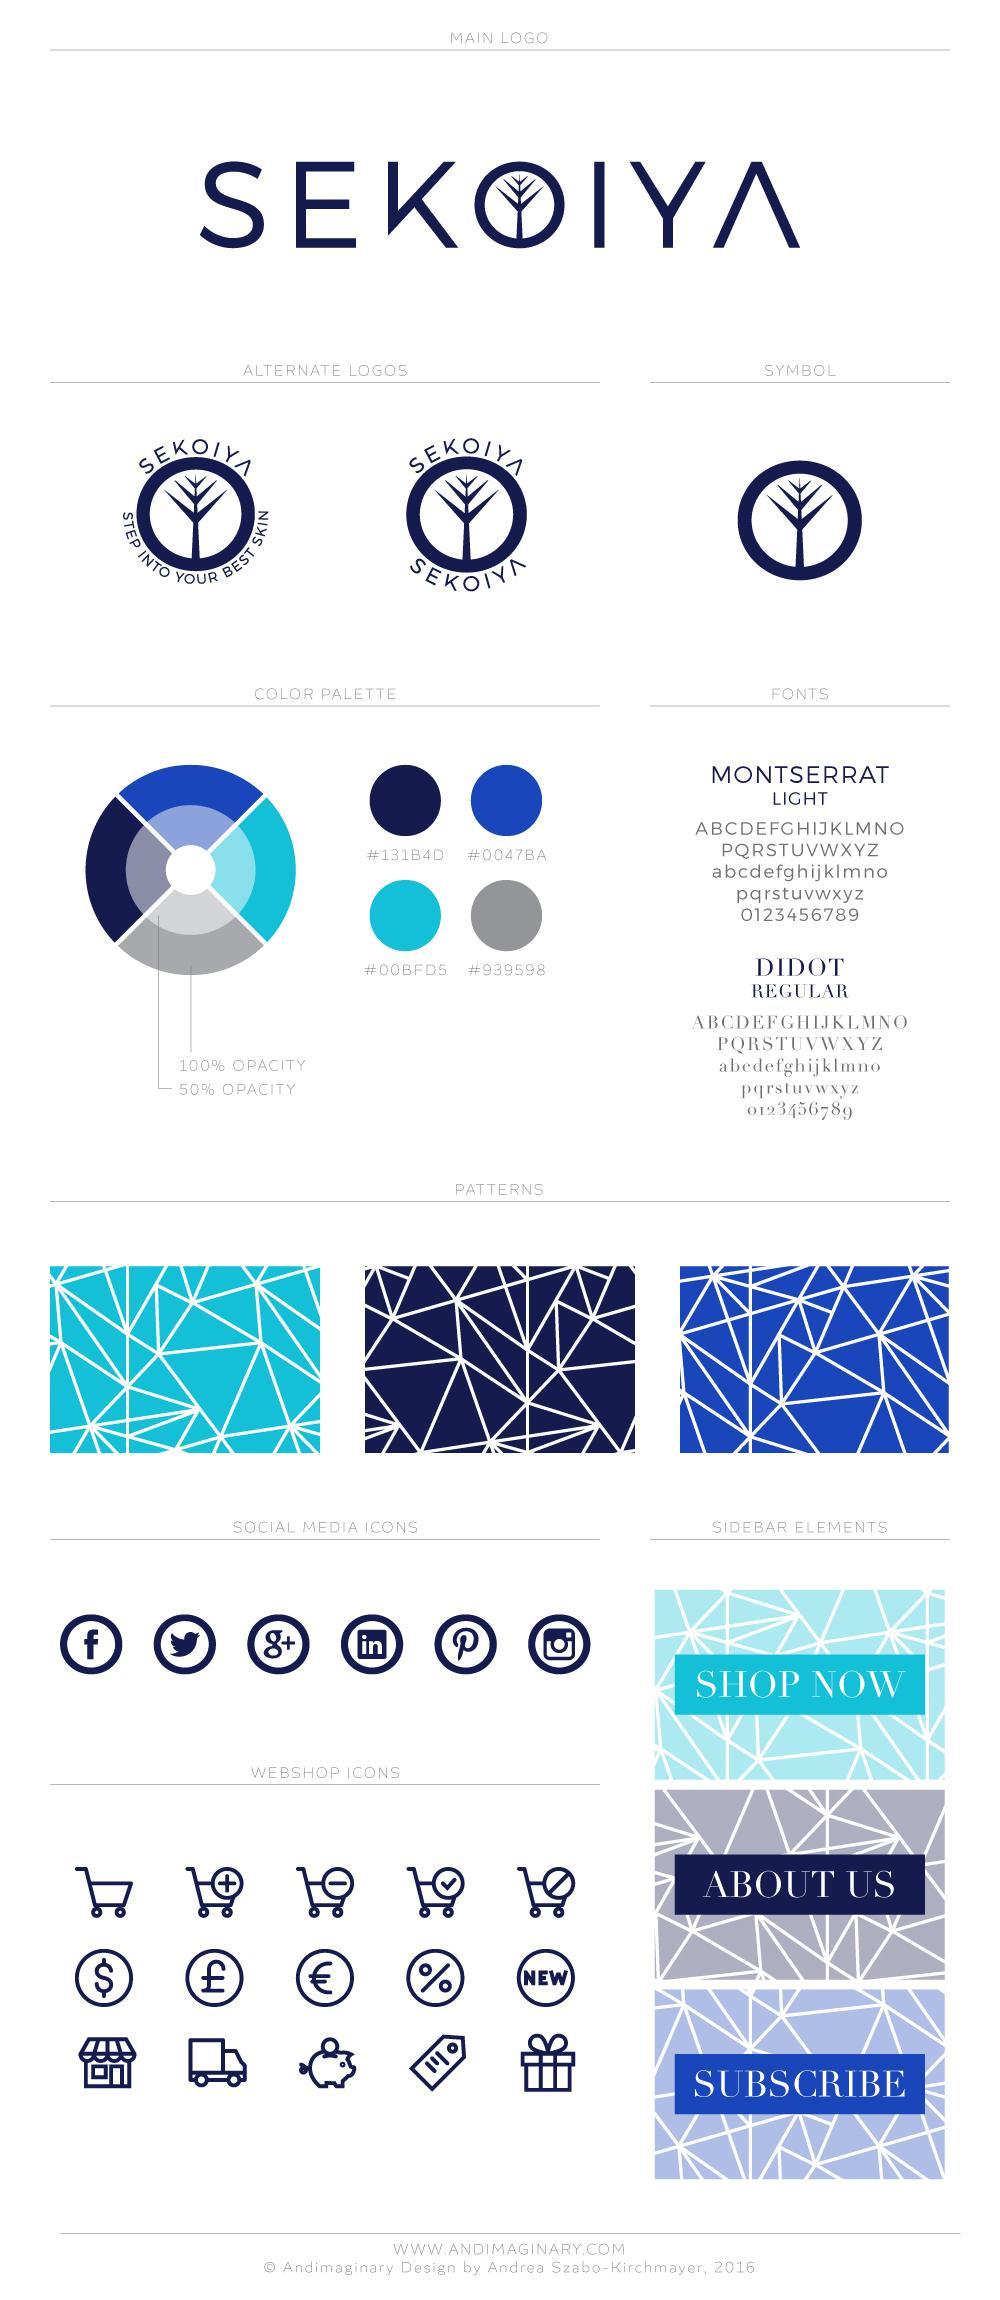 Sekoiya-Style-Sheet_2016 by Andimaginary Design